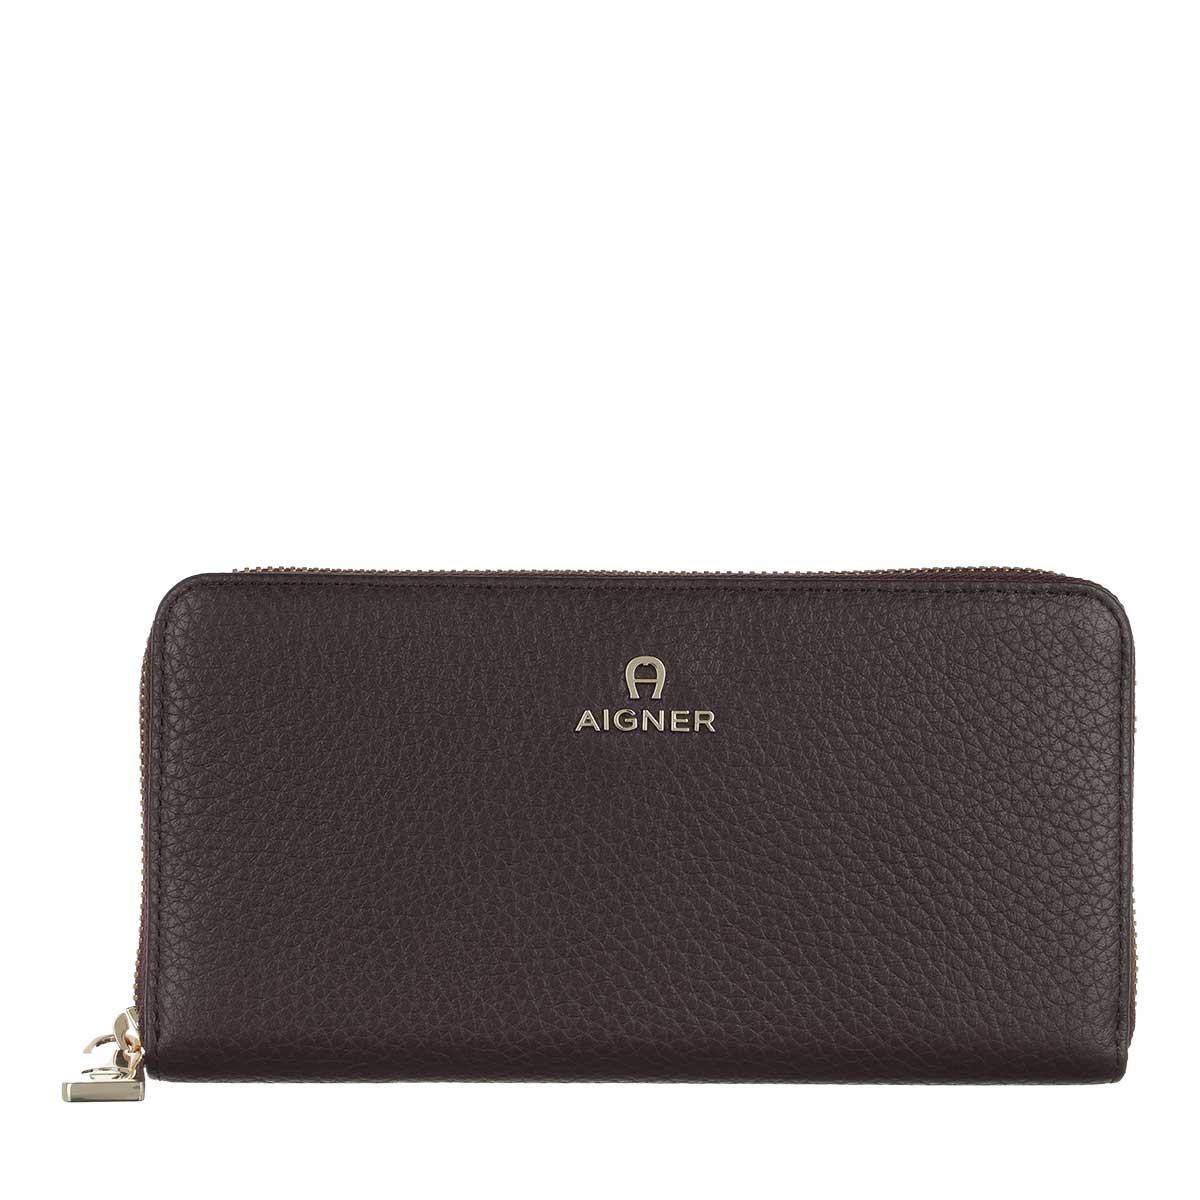 Aigner Portemonnaie - Ivy Long Wallet Java Brown - in braun - für Damen